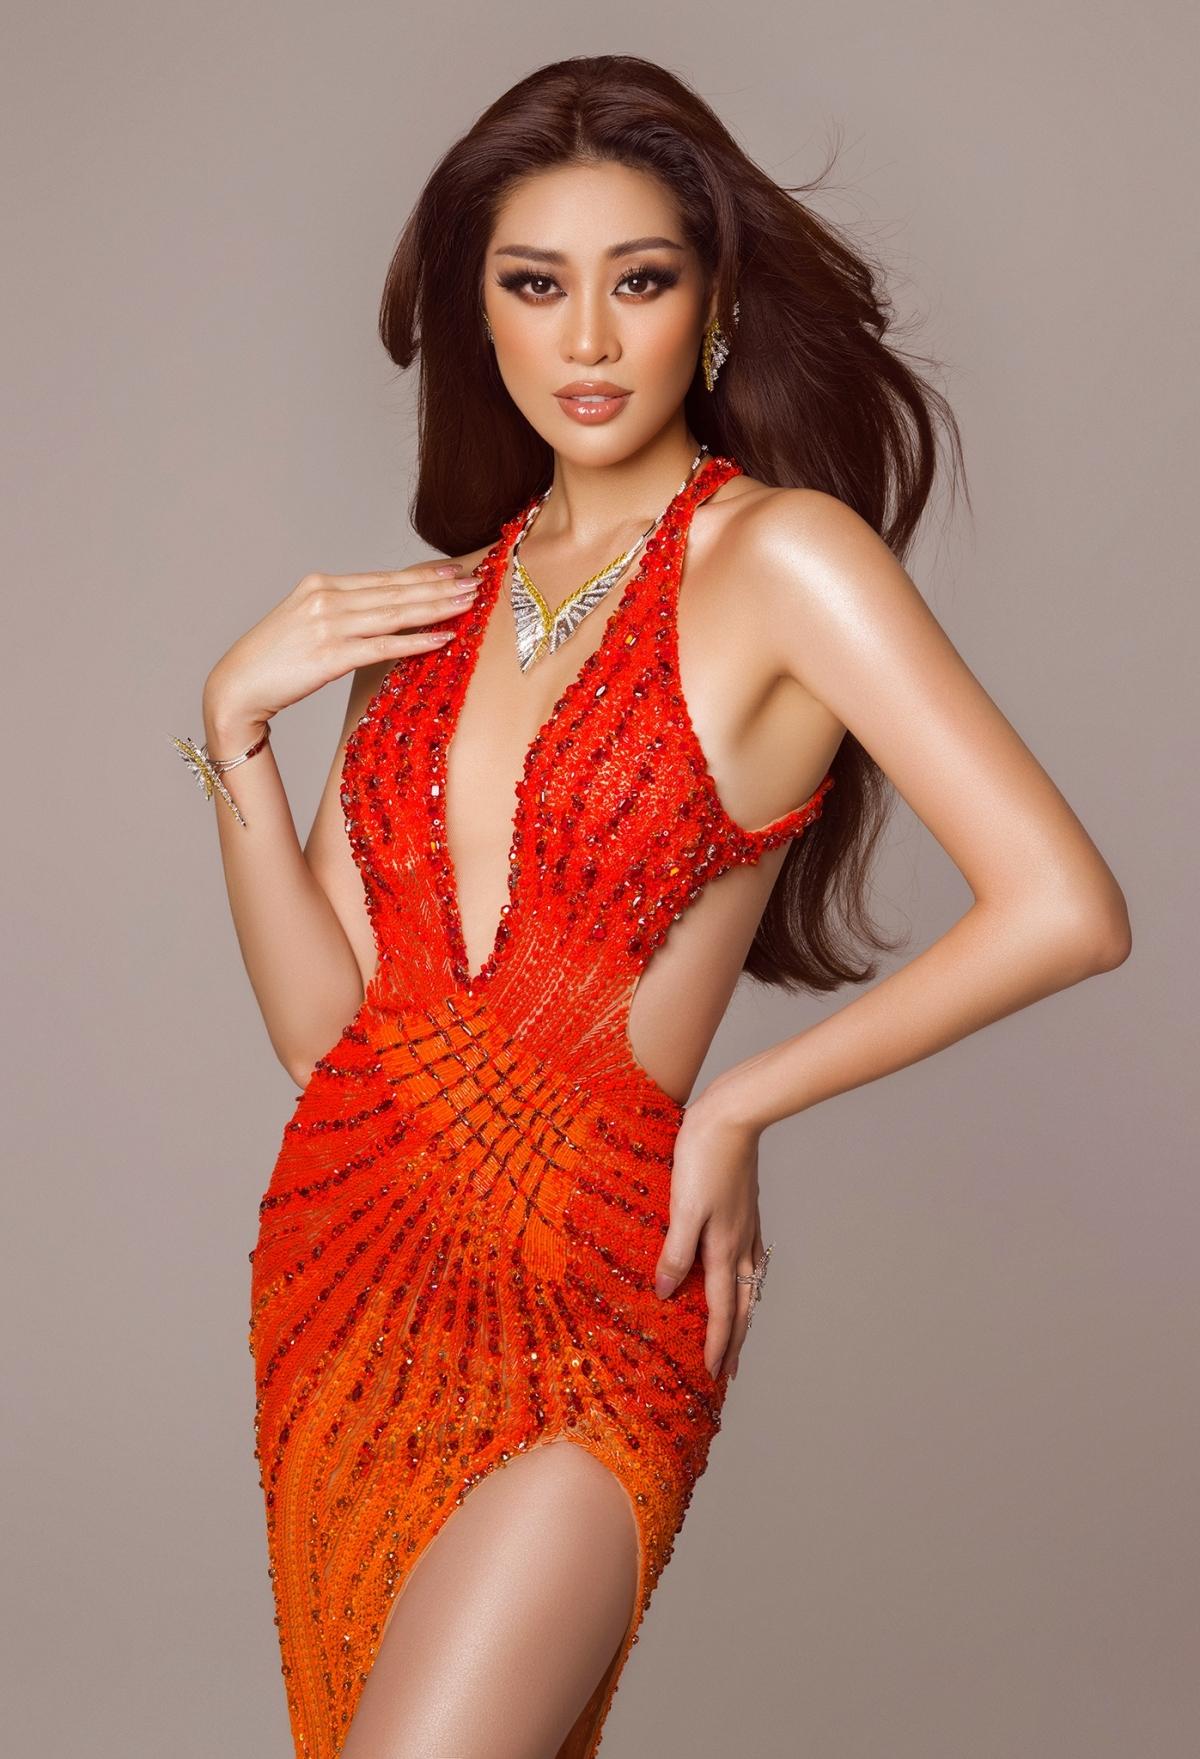 Đến với Miss Universe, Hoa hậu Khánh Vân muốn mang câu chuyện của tình yêu thương – lan toả năng lượng của yêu thương, sự ấm áp đến từ hàng triệu trái tim khán giả và Việt Nam gửi gắm đến Khánh Vân trên hành trình chinh phục Miss Universe. Trong đó, có gia đình và các em của ngôi nhà One Body Village (OBV).